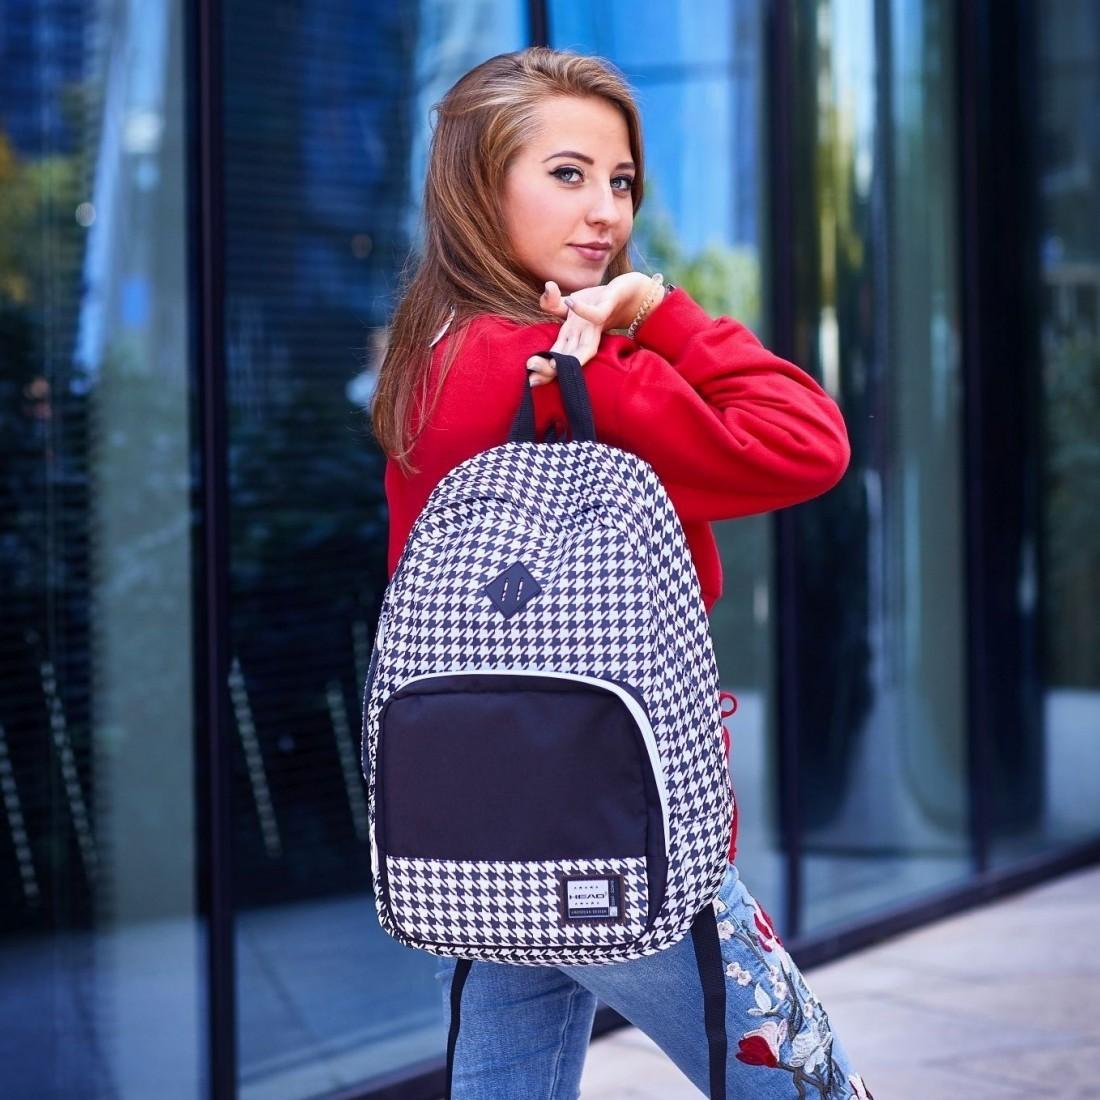 Plecak szkolny w pepitkę czarno-biały organizer miejski styl HEAD - HD-53 F